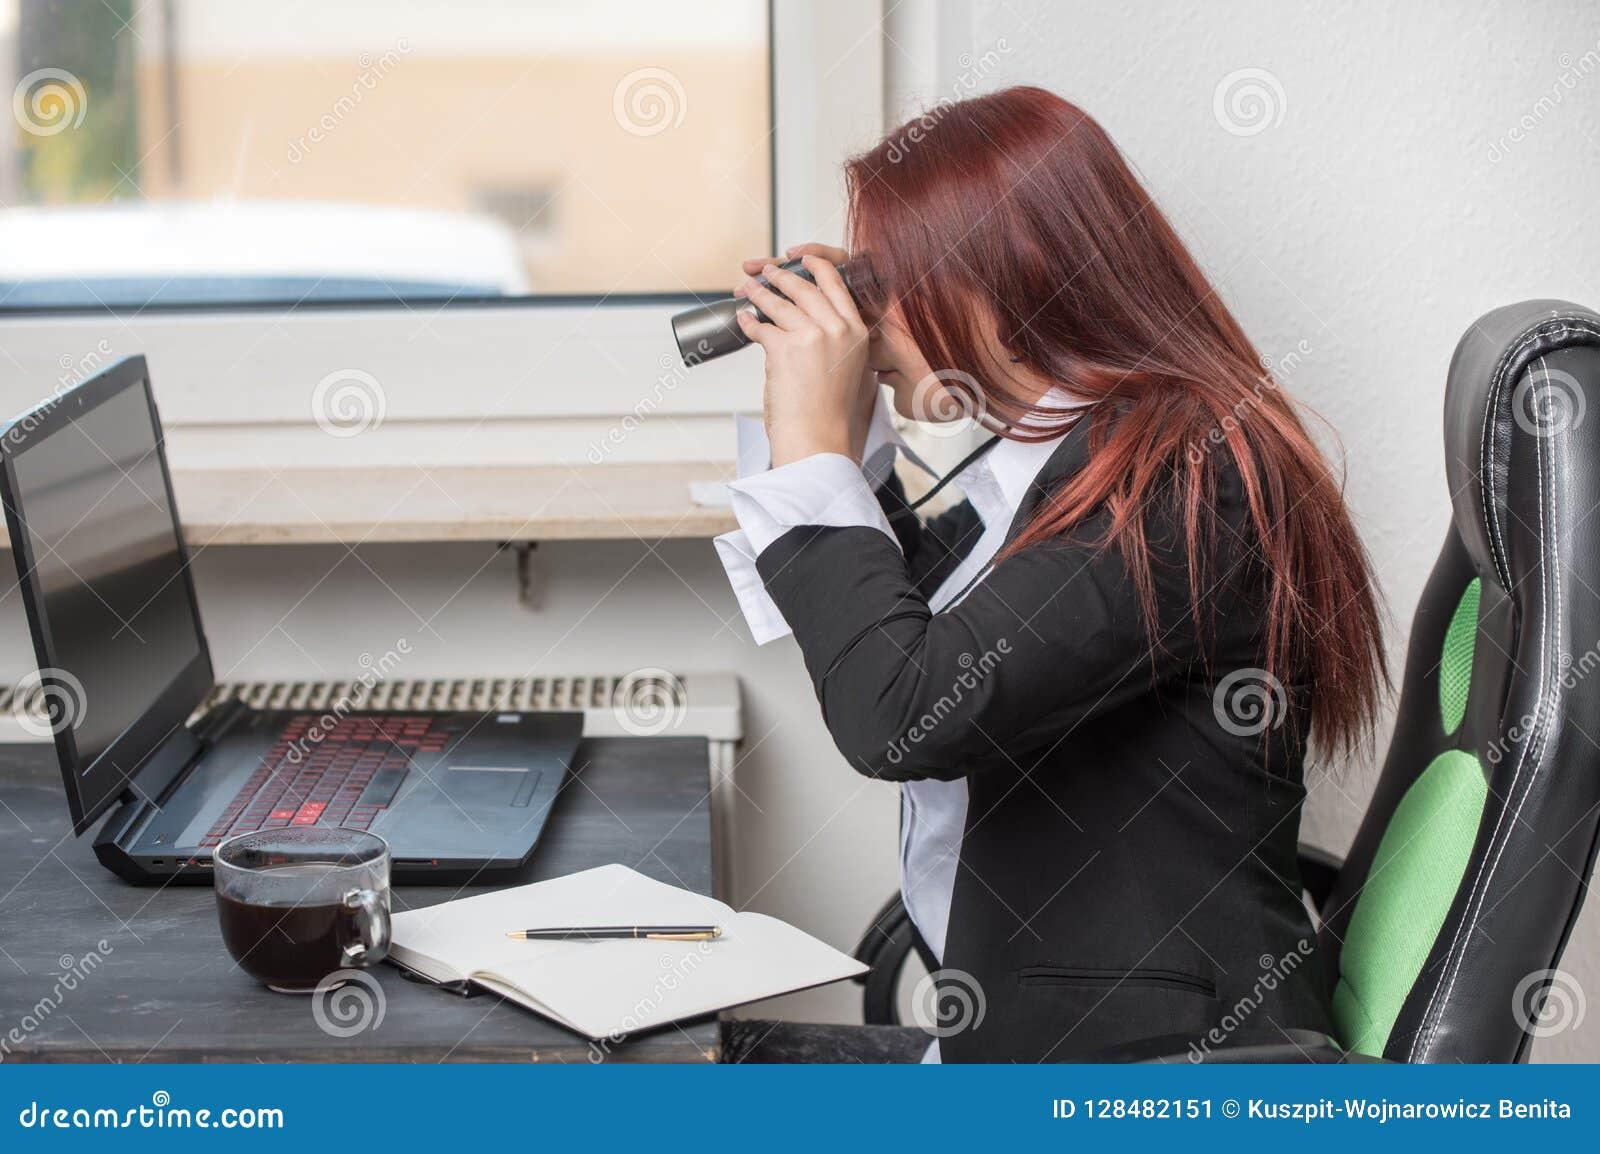 Frau sucht mann im internet